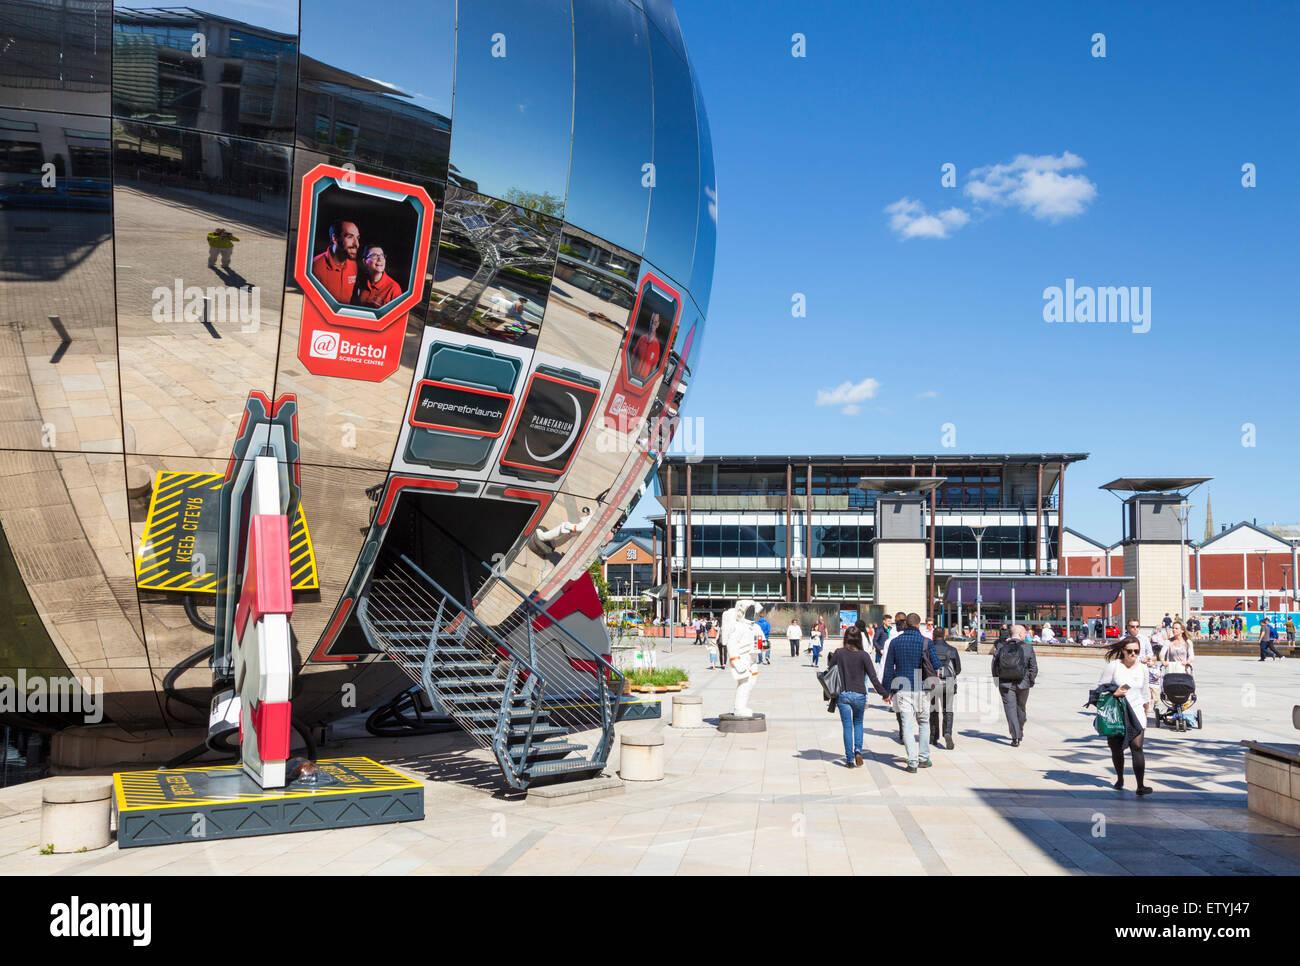 Planetarium sphere at Bristol Millennium Square Bristol Avon England UK GB EU Europe - Stock Image